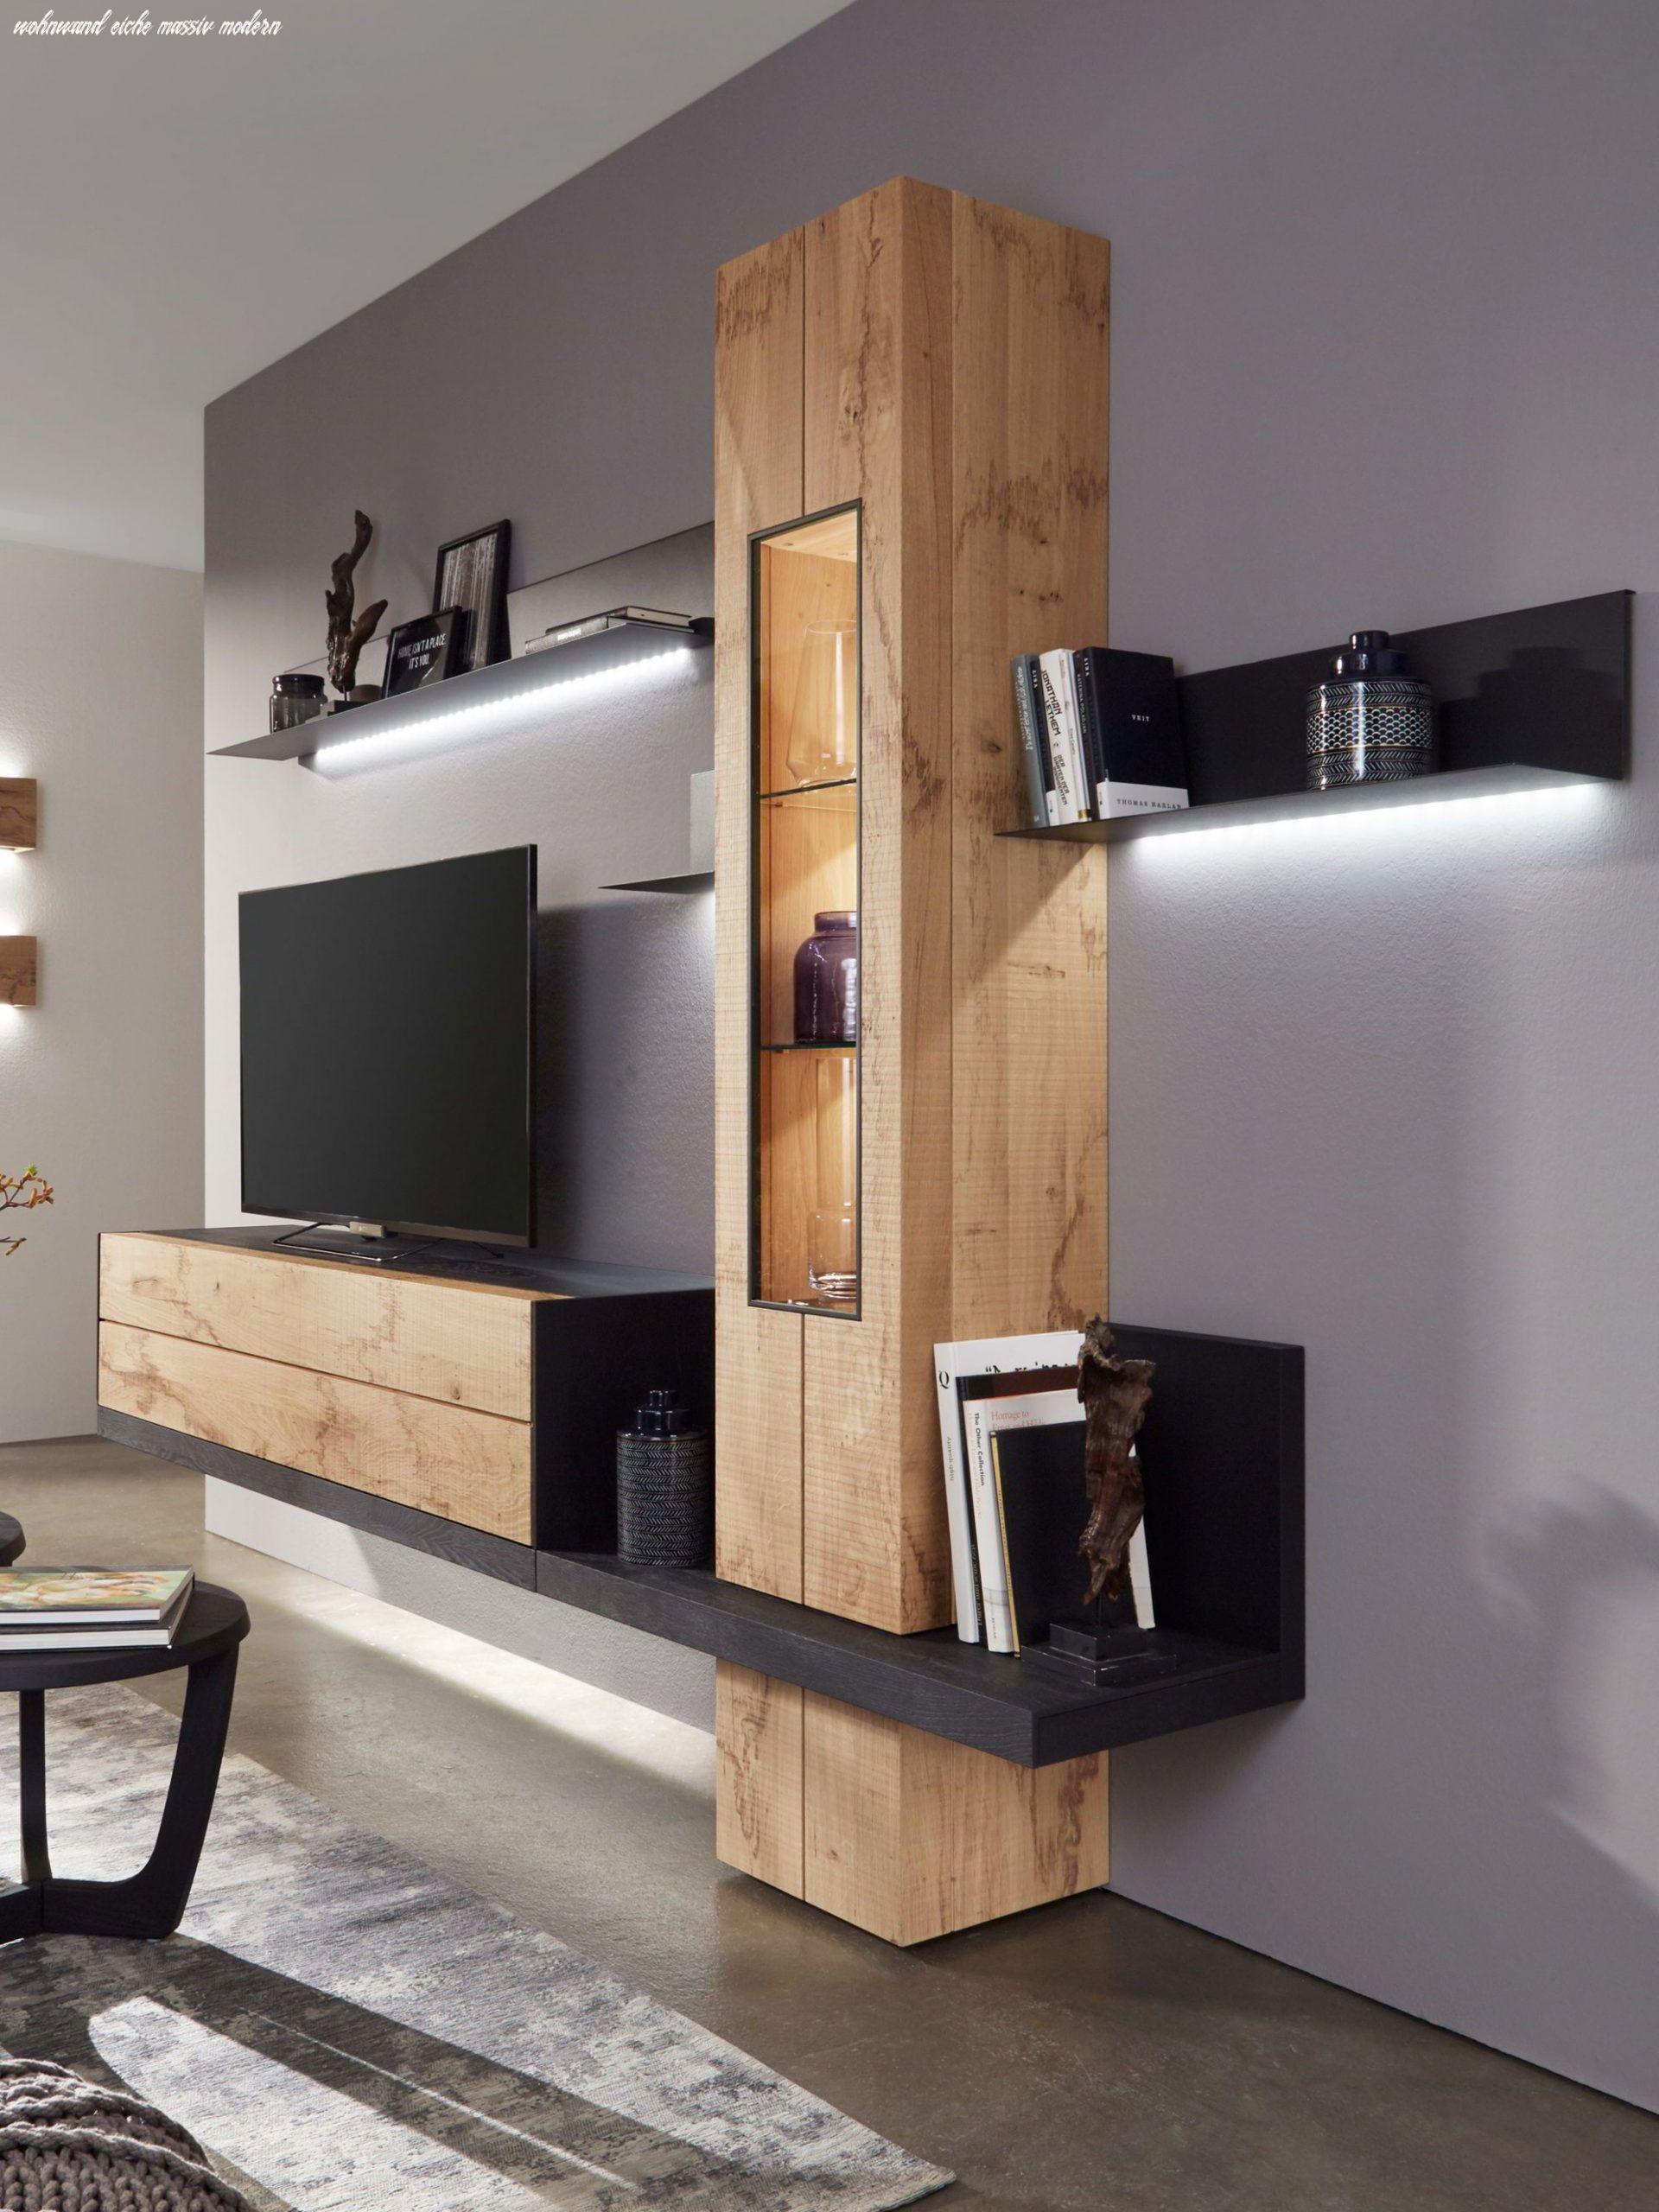 Zehn Moglichkeiten Sich Auf Wohnwand Eiche Massiv Modern Vorzubereiten In 2020 Wohnwand Eiche Wohnwand Modern Wohnzimmer Tv Wand Ideen